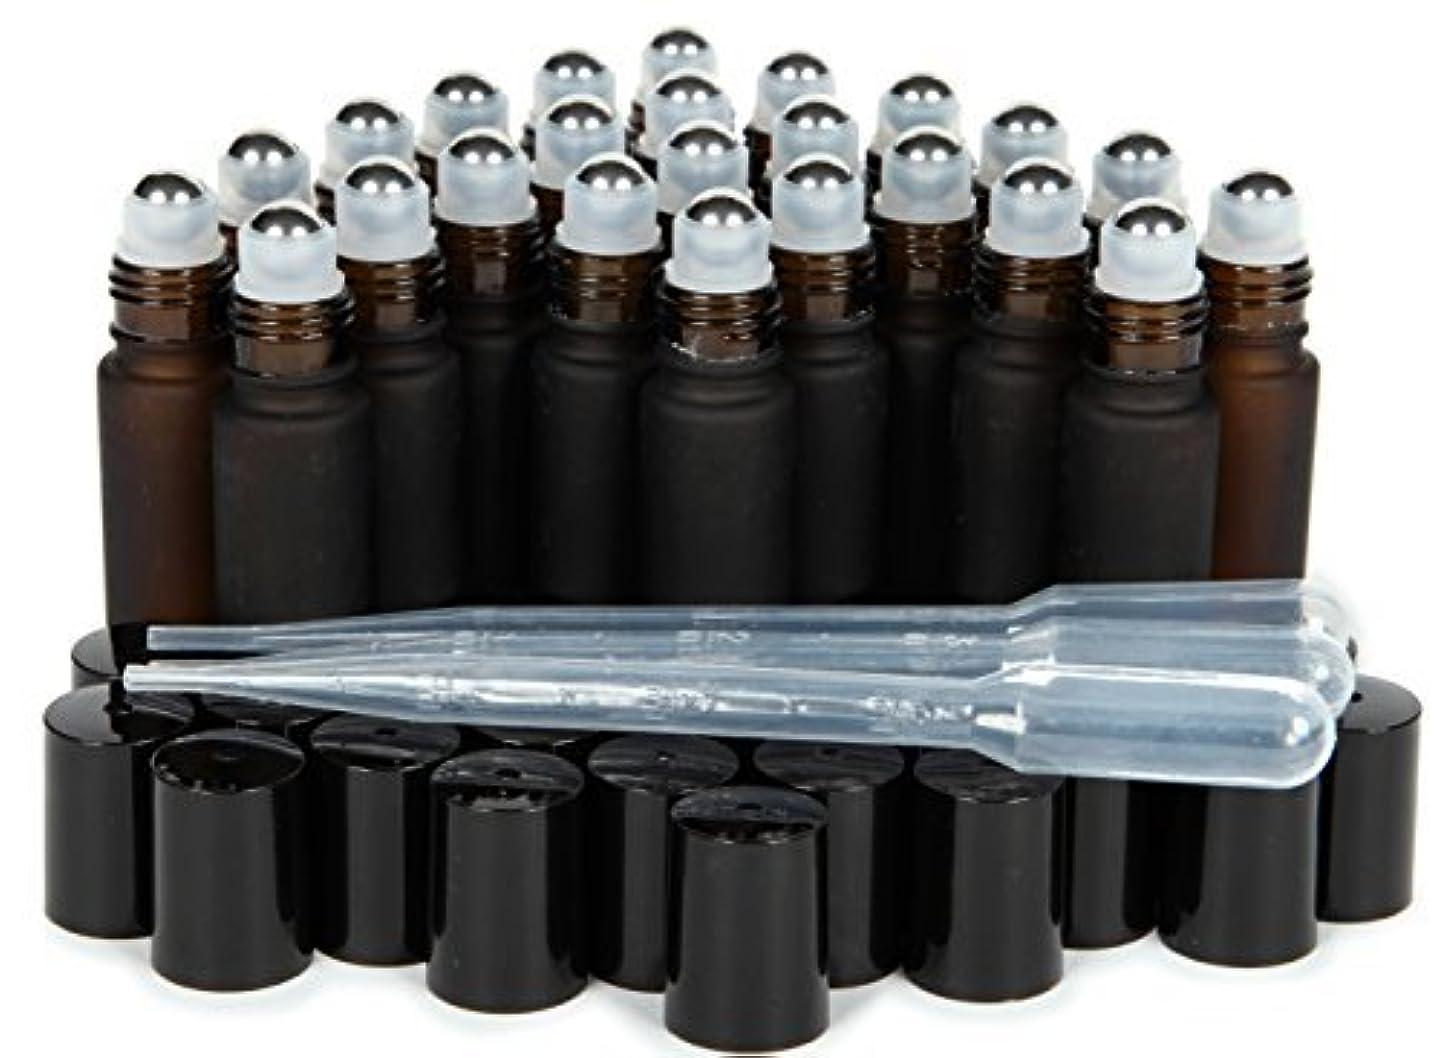 継続中何故なの落ち着くVivaplex, 24, Frosted Amber, 10 ml Glass Roll-on Bottles with Stainless Steel Roller Balls. 3-3 ml Droppers included...